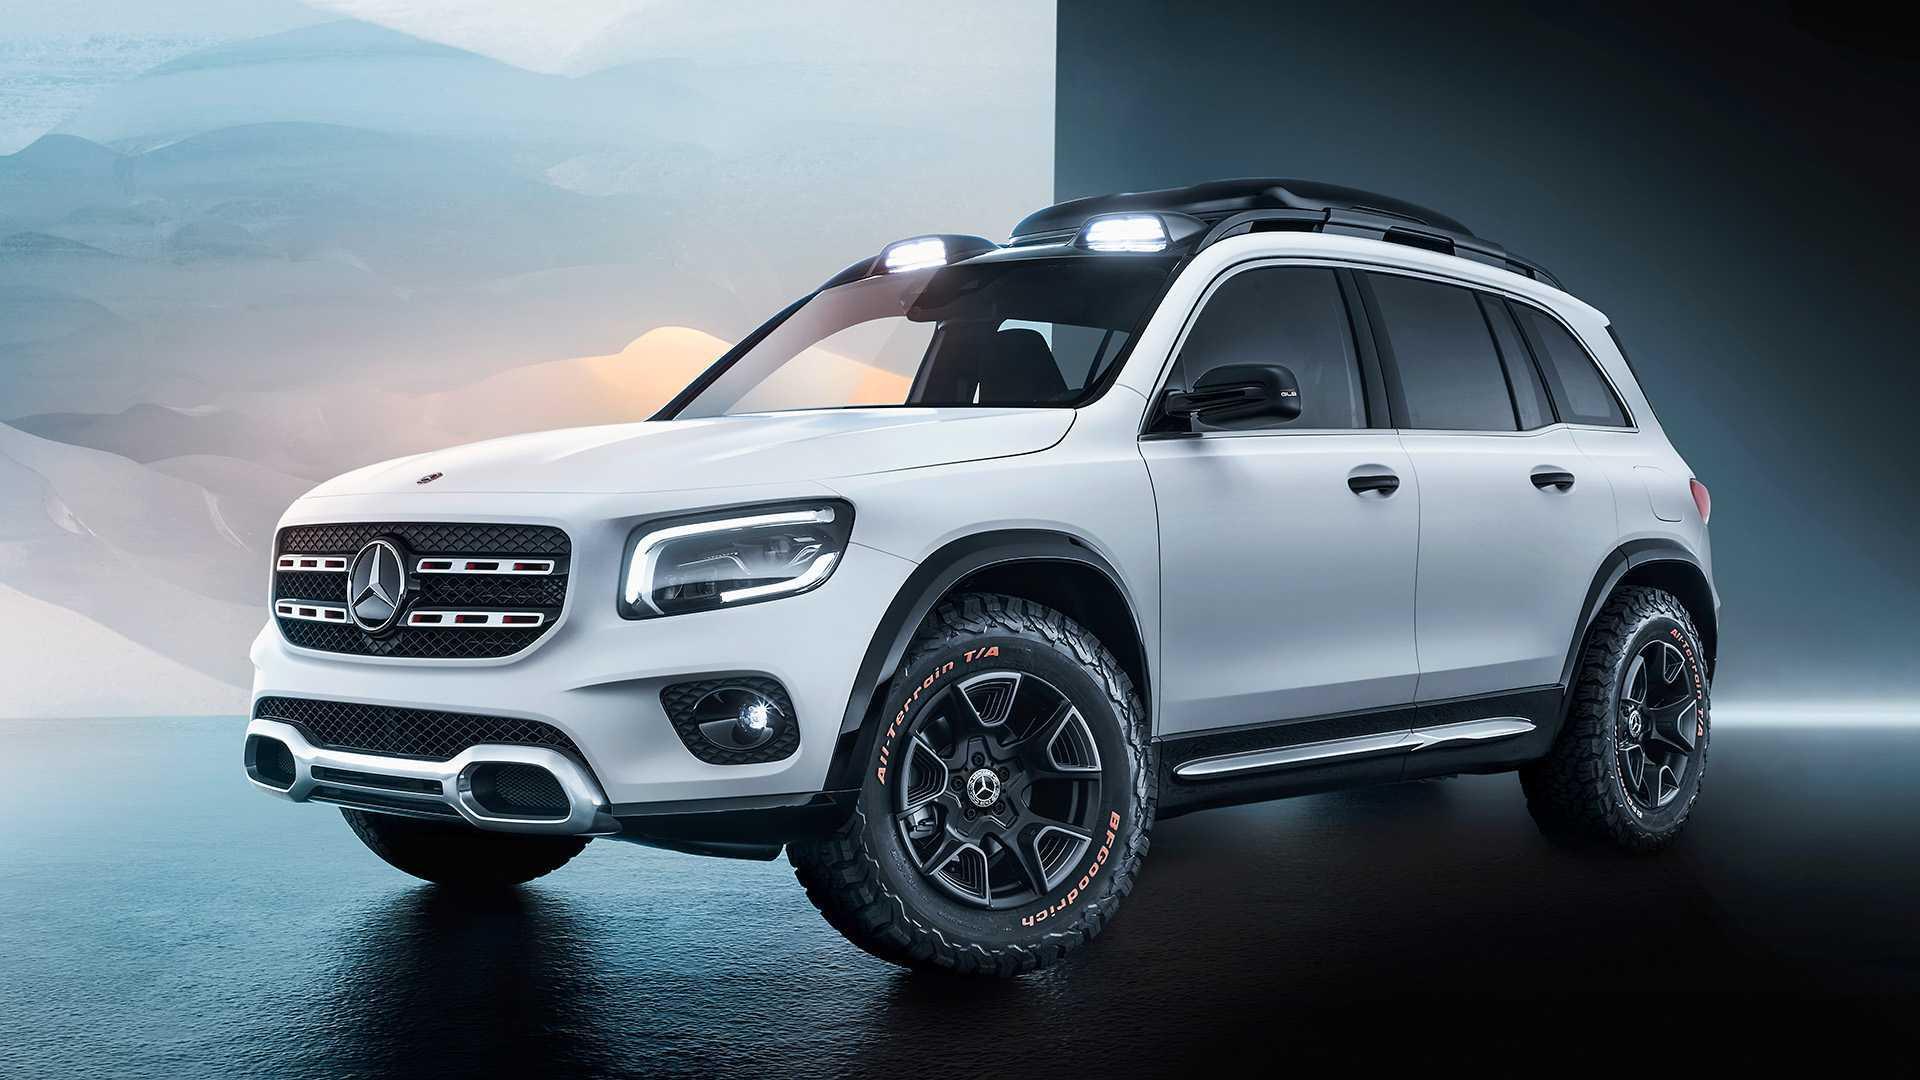 Mercedes-Benz GLB produzido no México fica mais perto do Brasil 2019-mercedes-concept-glb